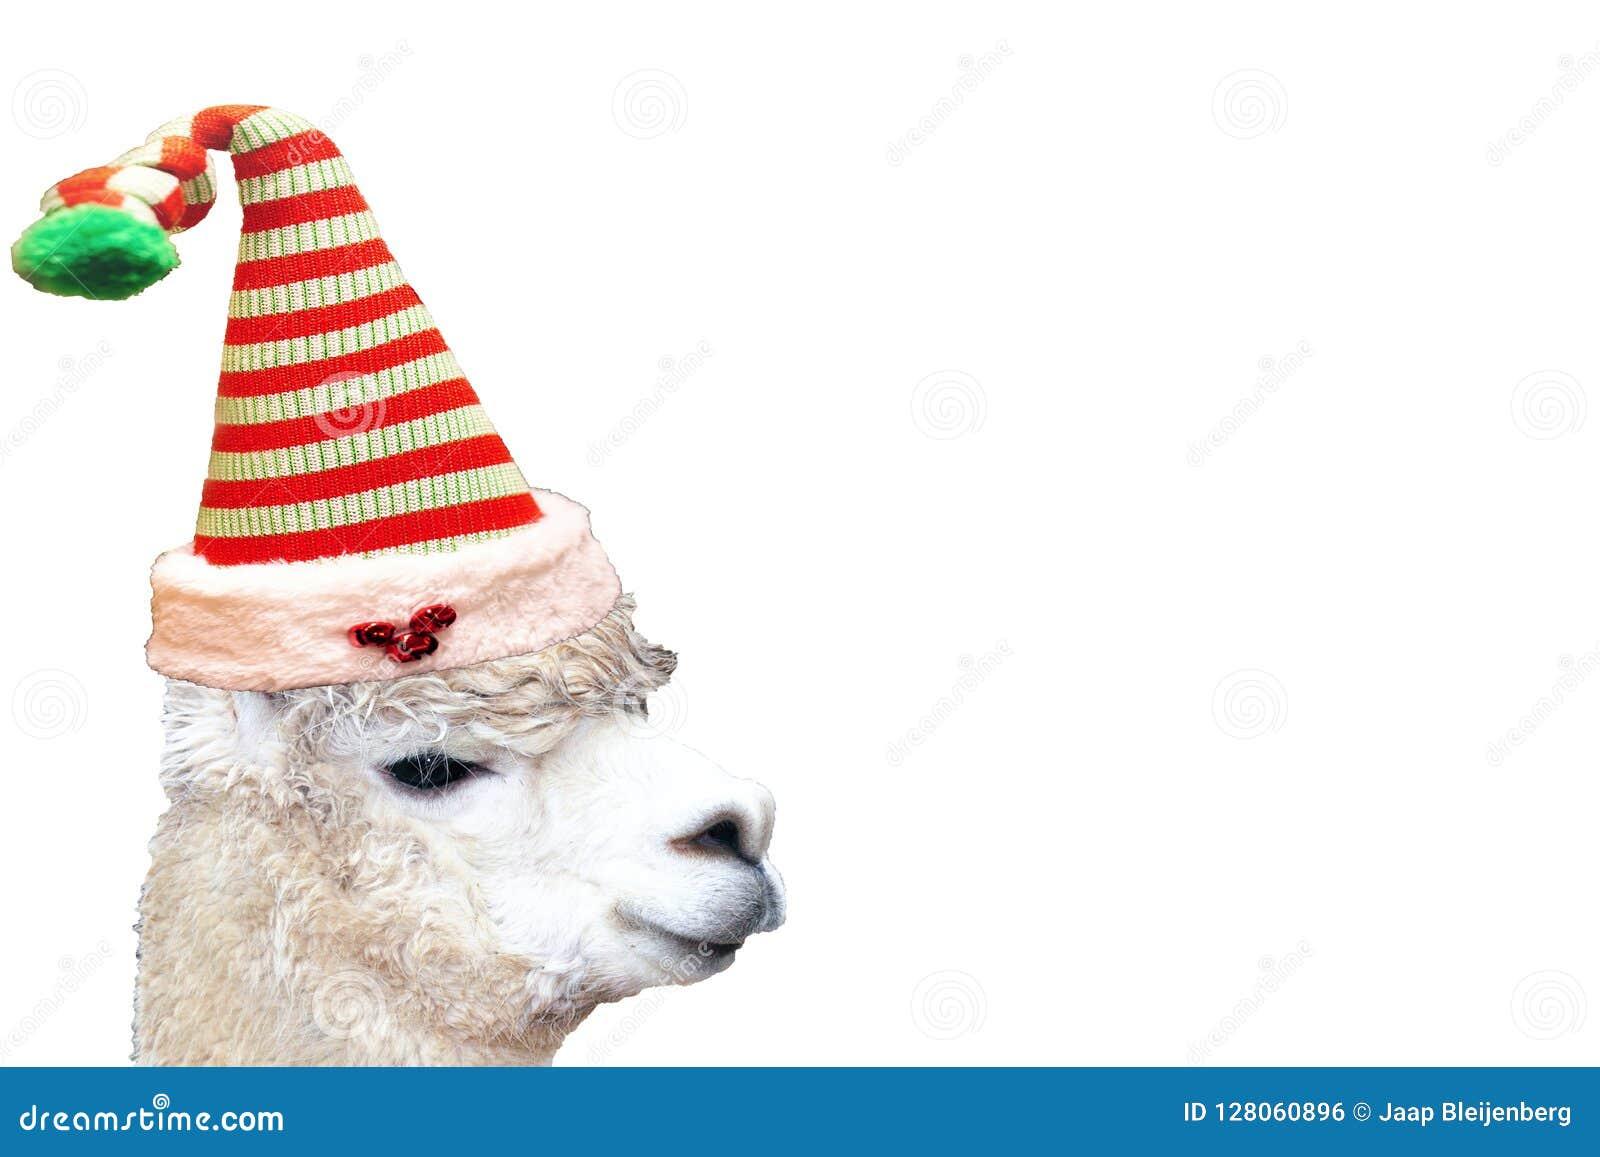 Alpaga animale di natale molto sveglio e divertente che porta un cappello dell elfo isolato su un fondo bianco vuoto